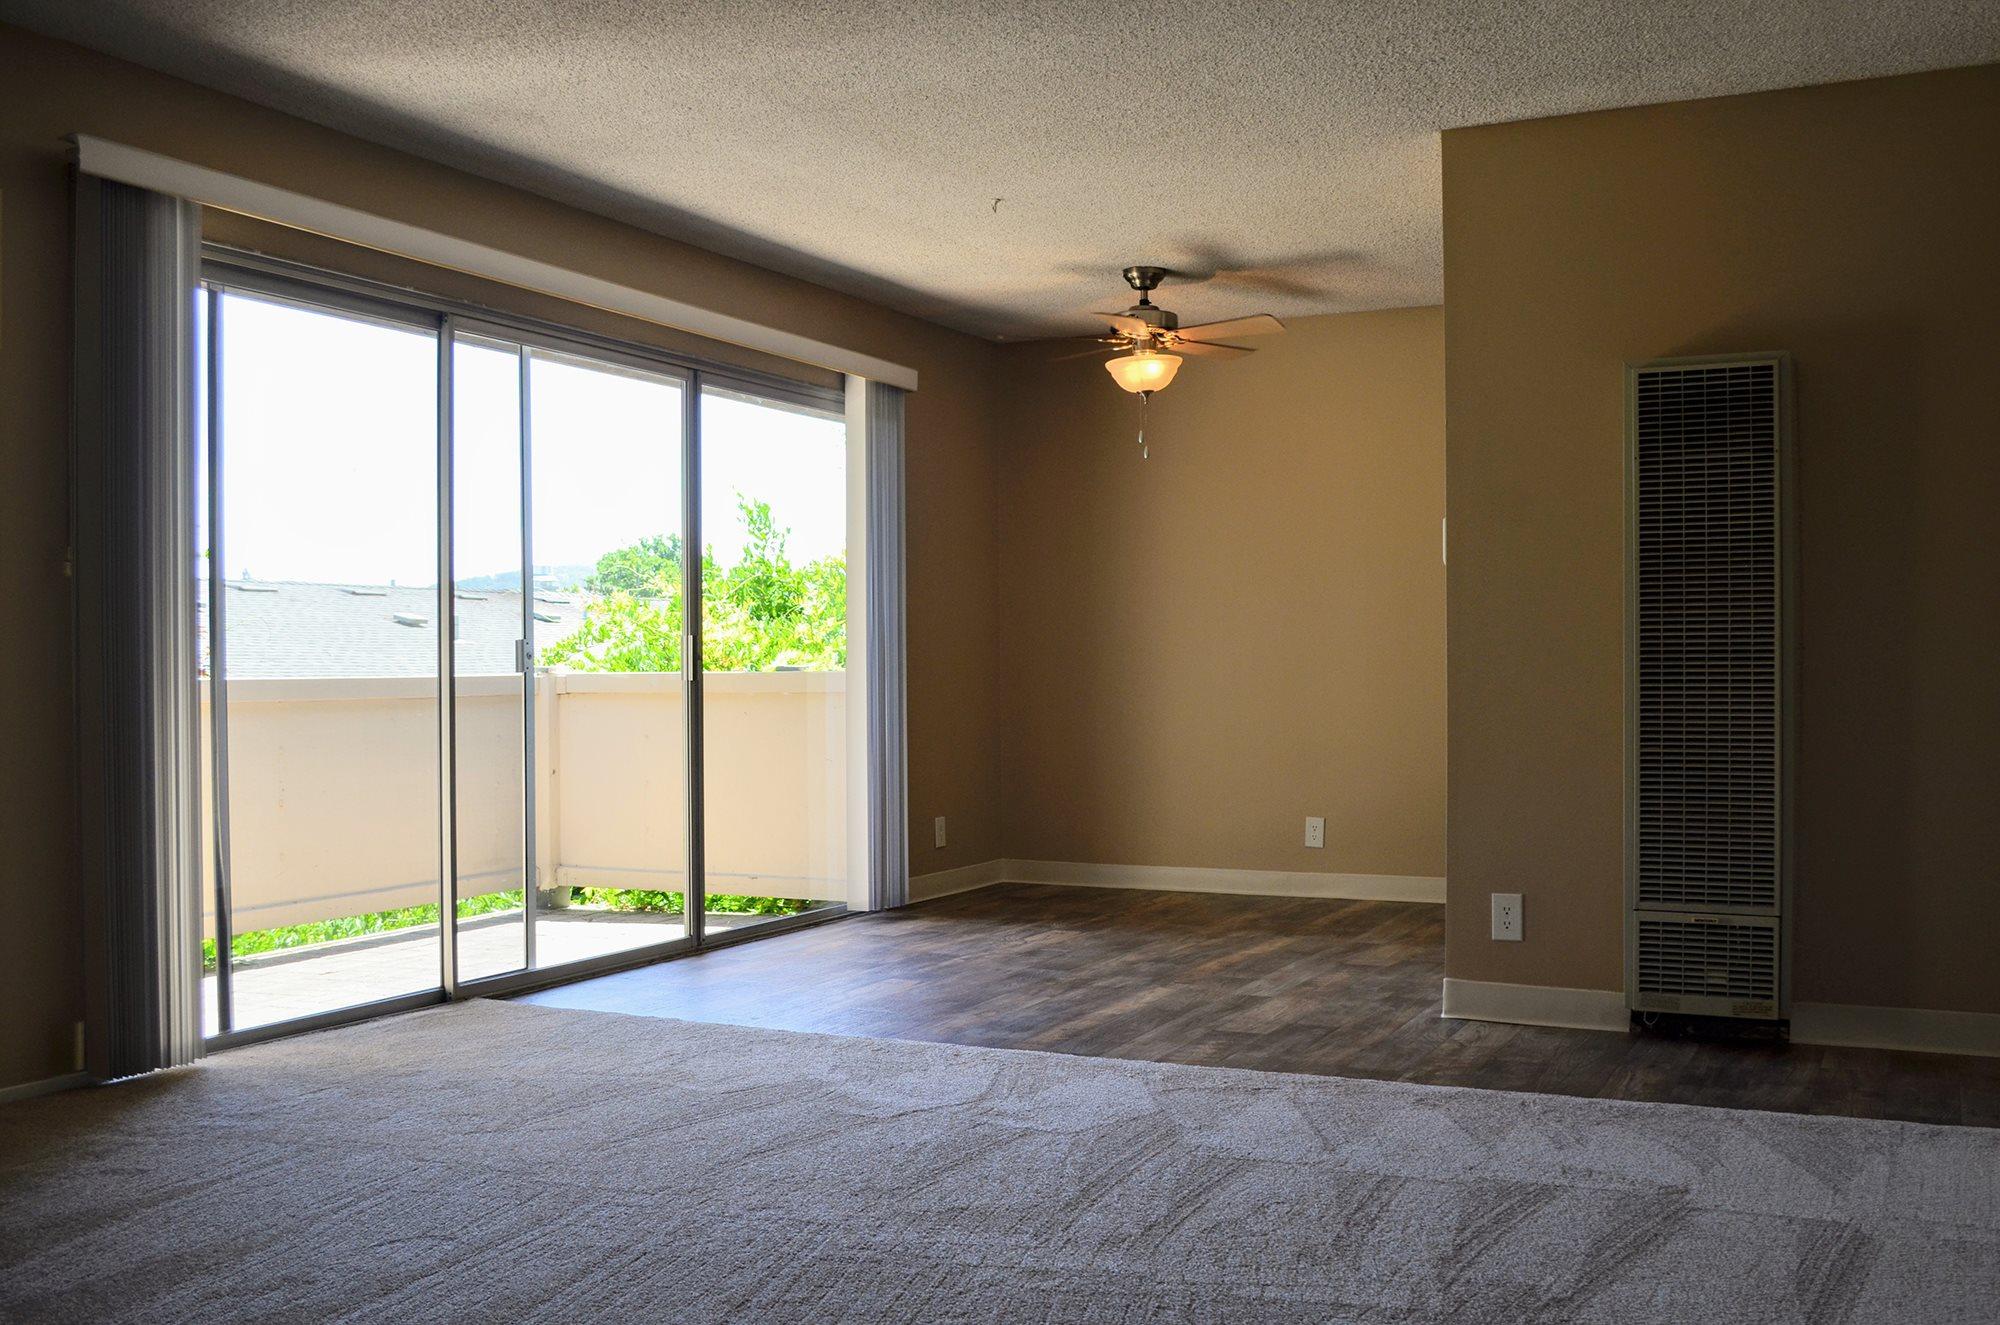 Lush Wall-to-Wall Carpeting at Bella Vista Apartment Homes, Napa, California